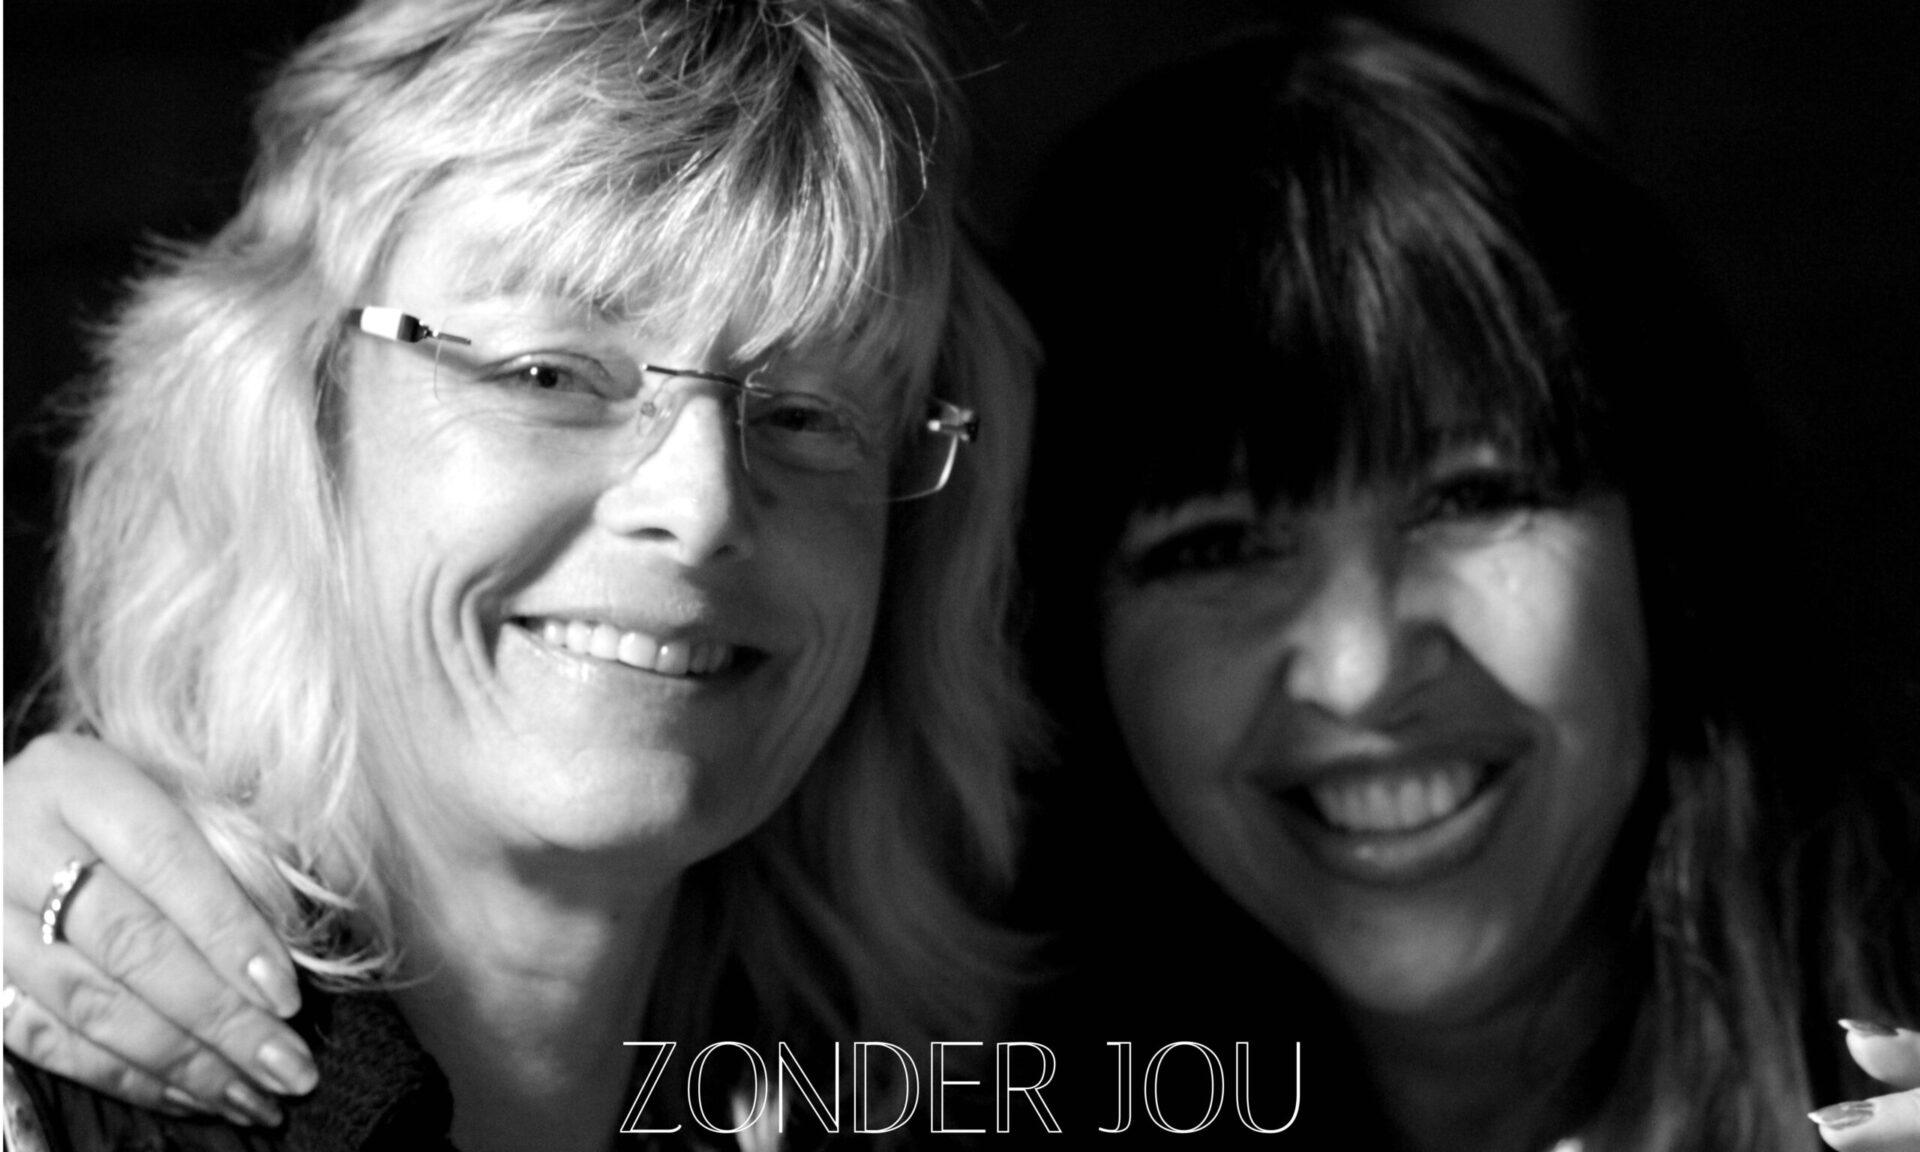 WENDY Header zonder jou 20 10 scaled Zonder jou. Gerda verloor haar hartsvriendin aan kanker: 'Ze was mijn eerste en enige vriendin'